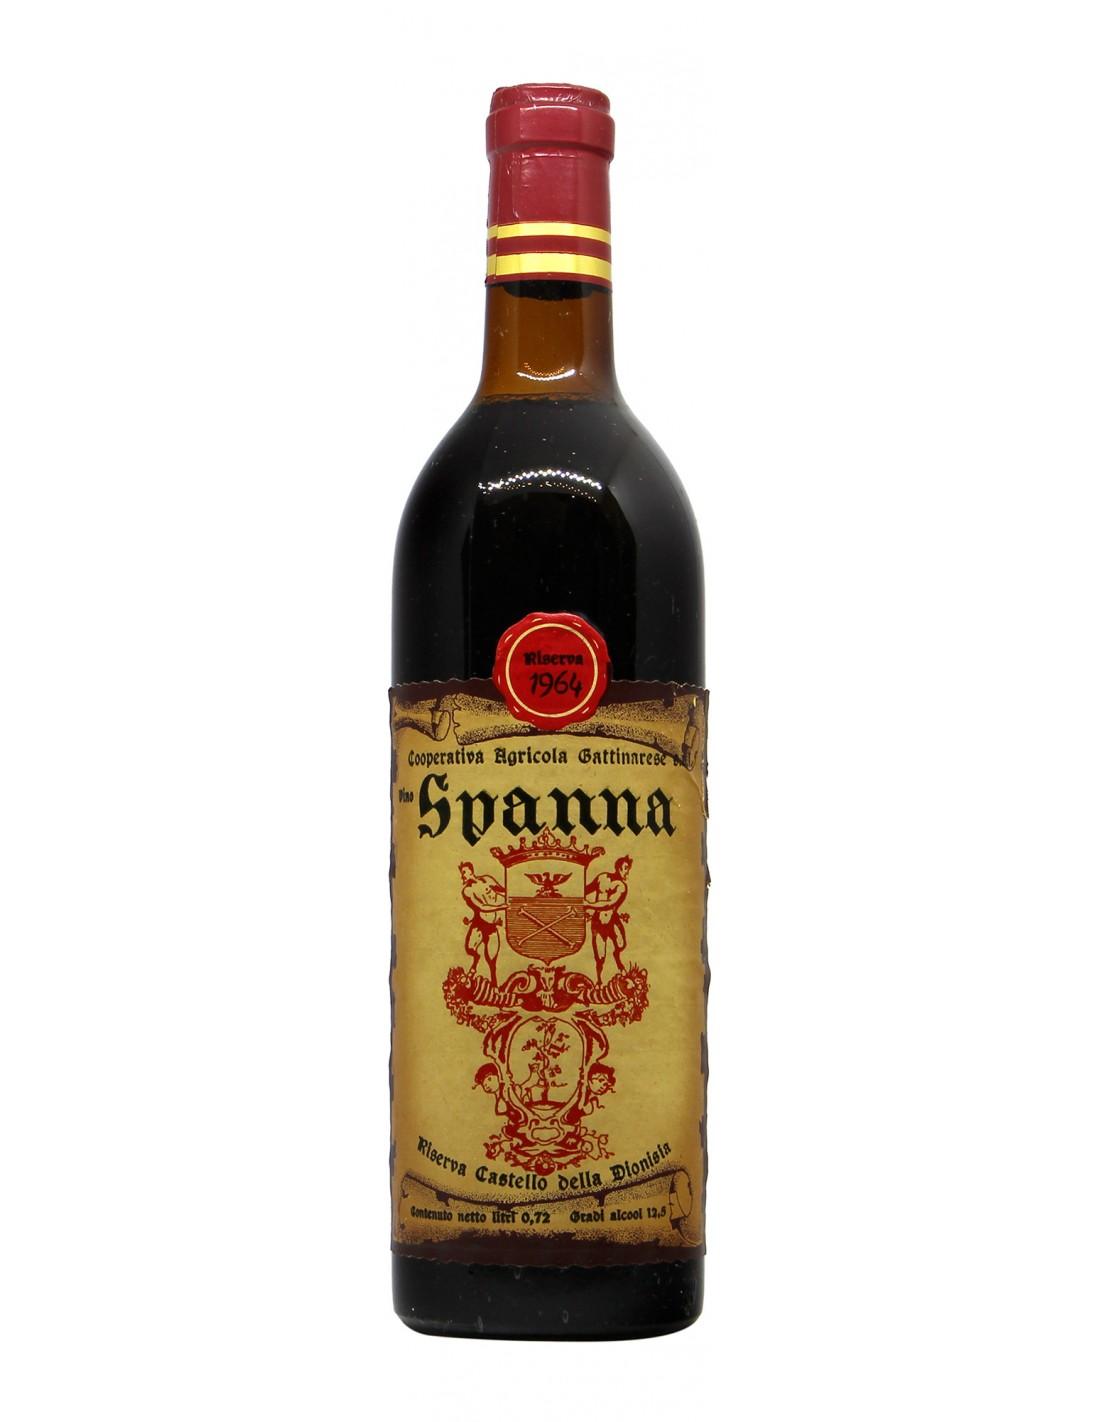 SPANNA RISERVA DELLA DIONISIA 1964 LA GATTINARESE Grandi Bottiglie